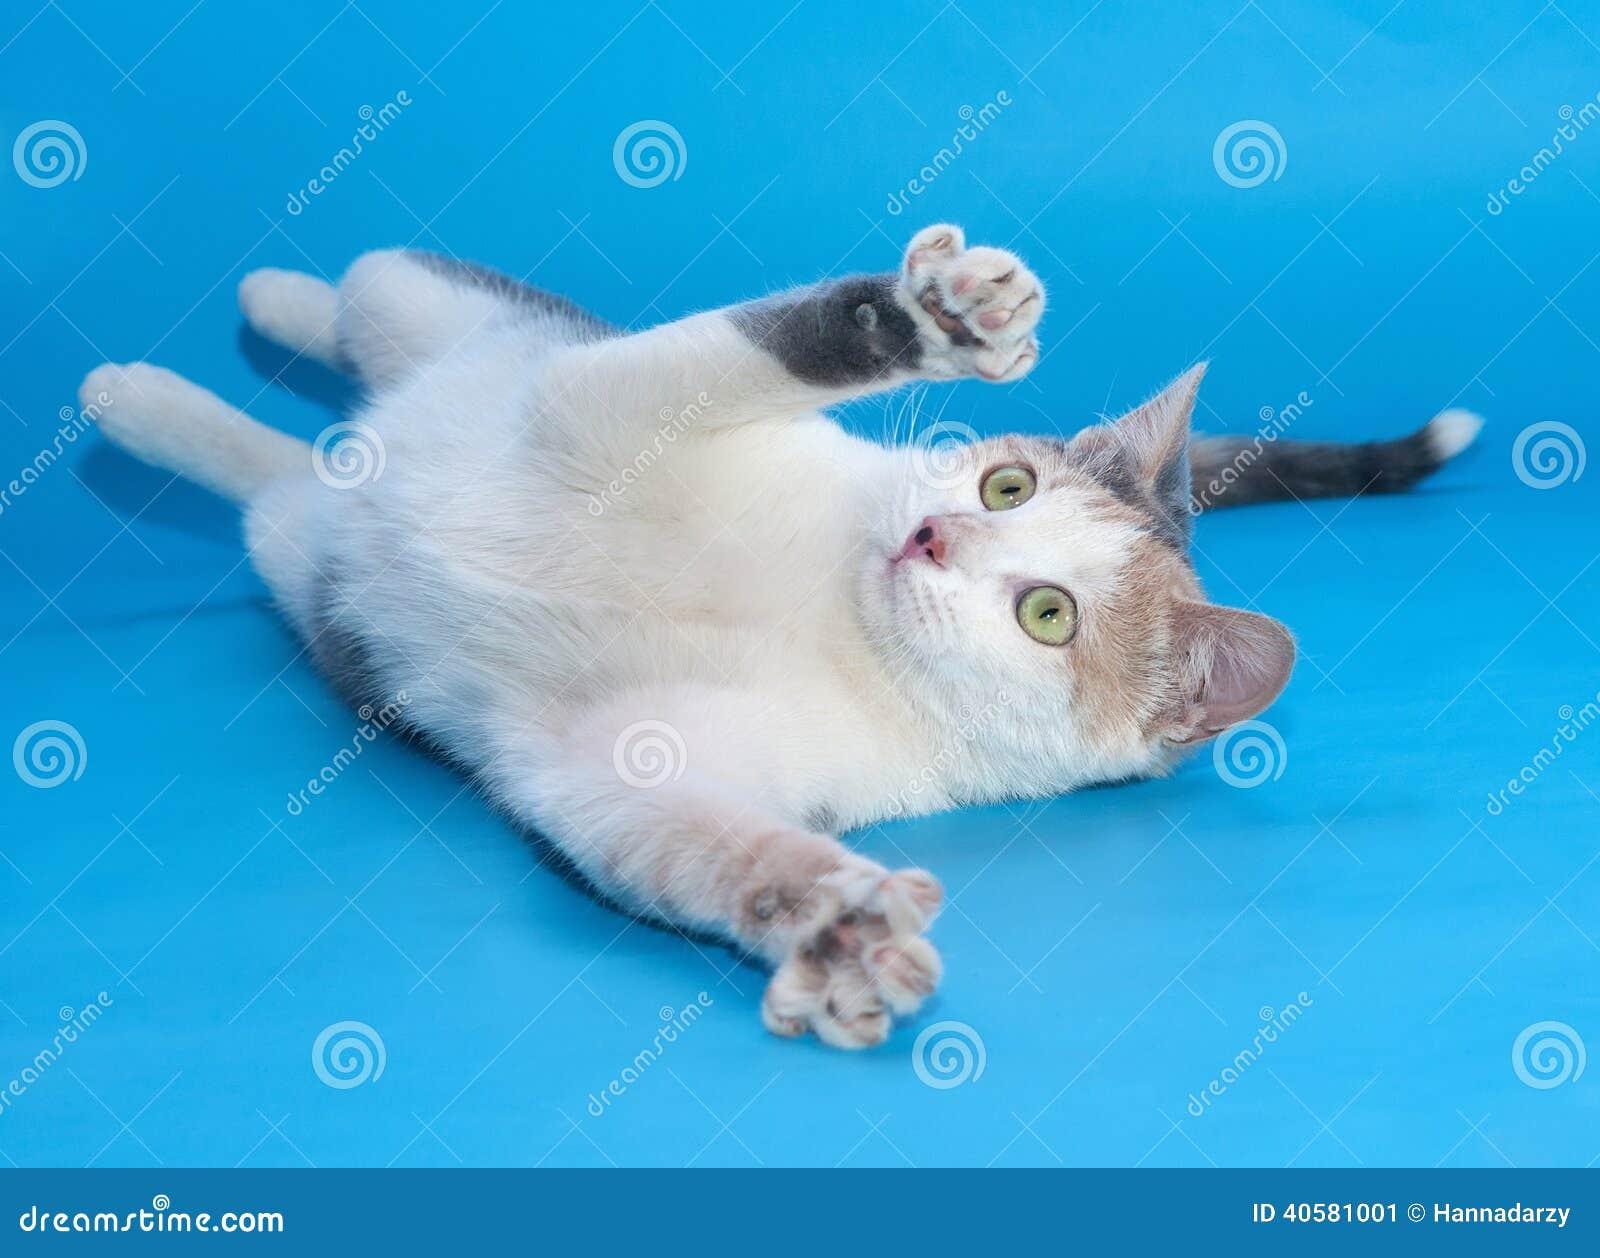 Белый кот с играми заплат упал на синь